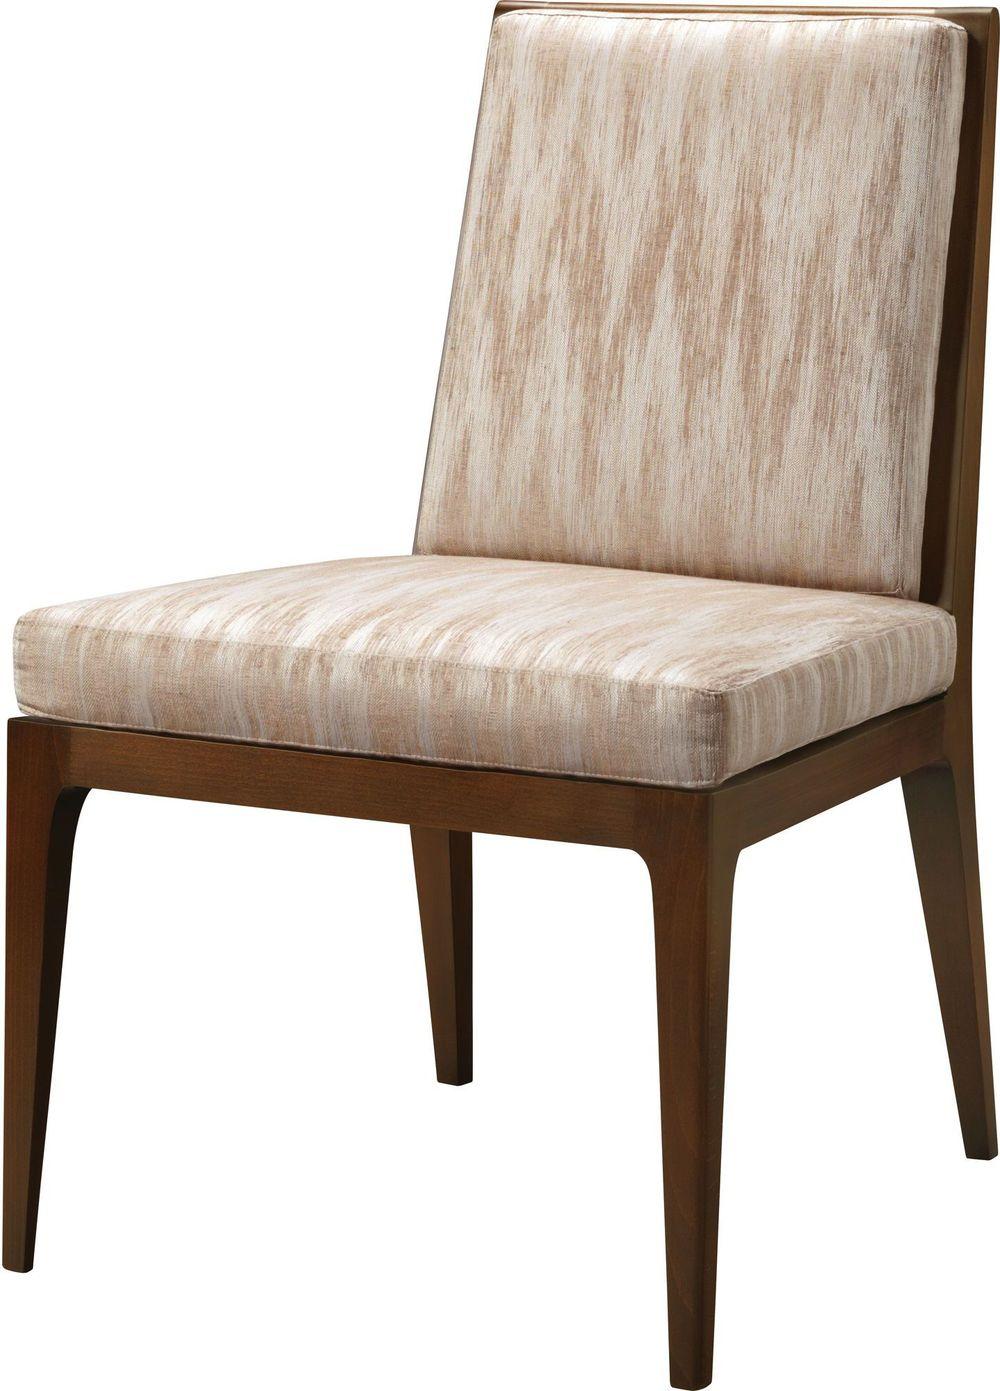 Baker Furniture - Carmel Upholstered Dining Side Chair